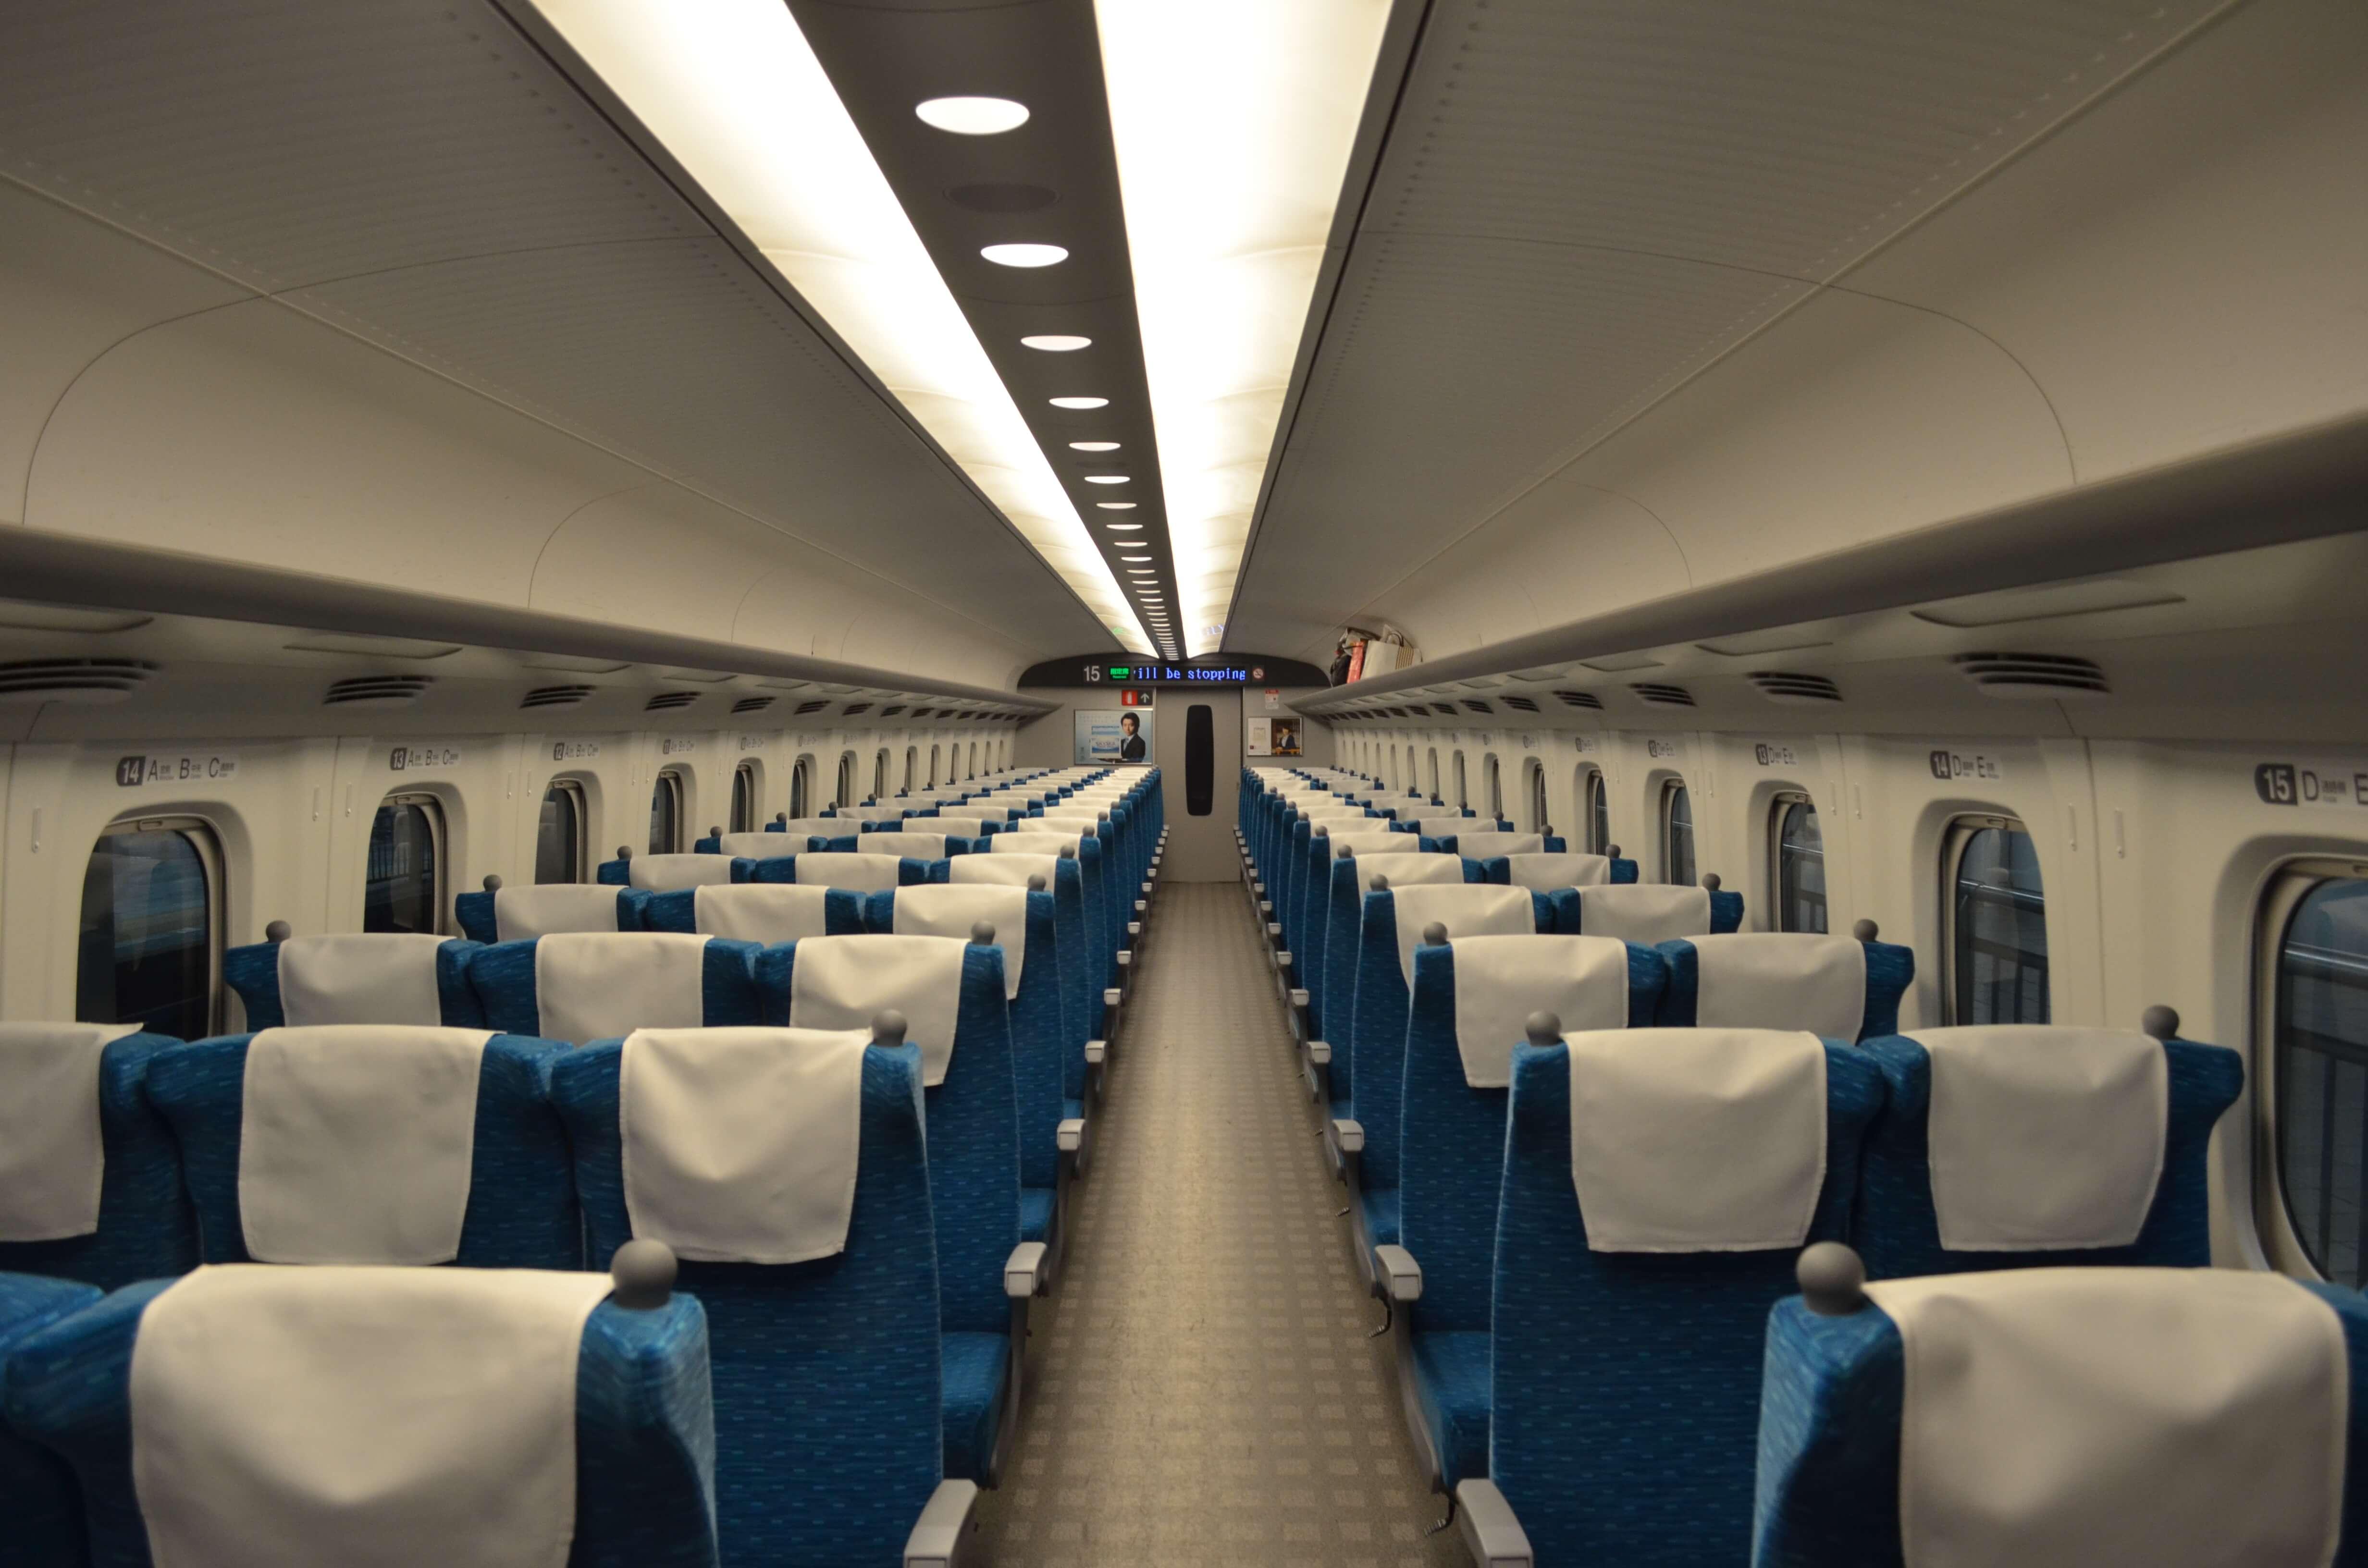 新幹線の長時間乗車は疲れますが、フットレストがあると楽に過ごせます。